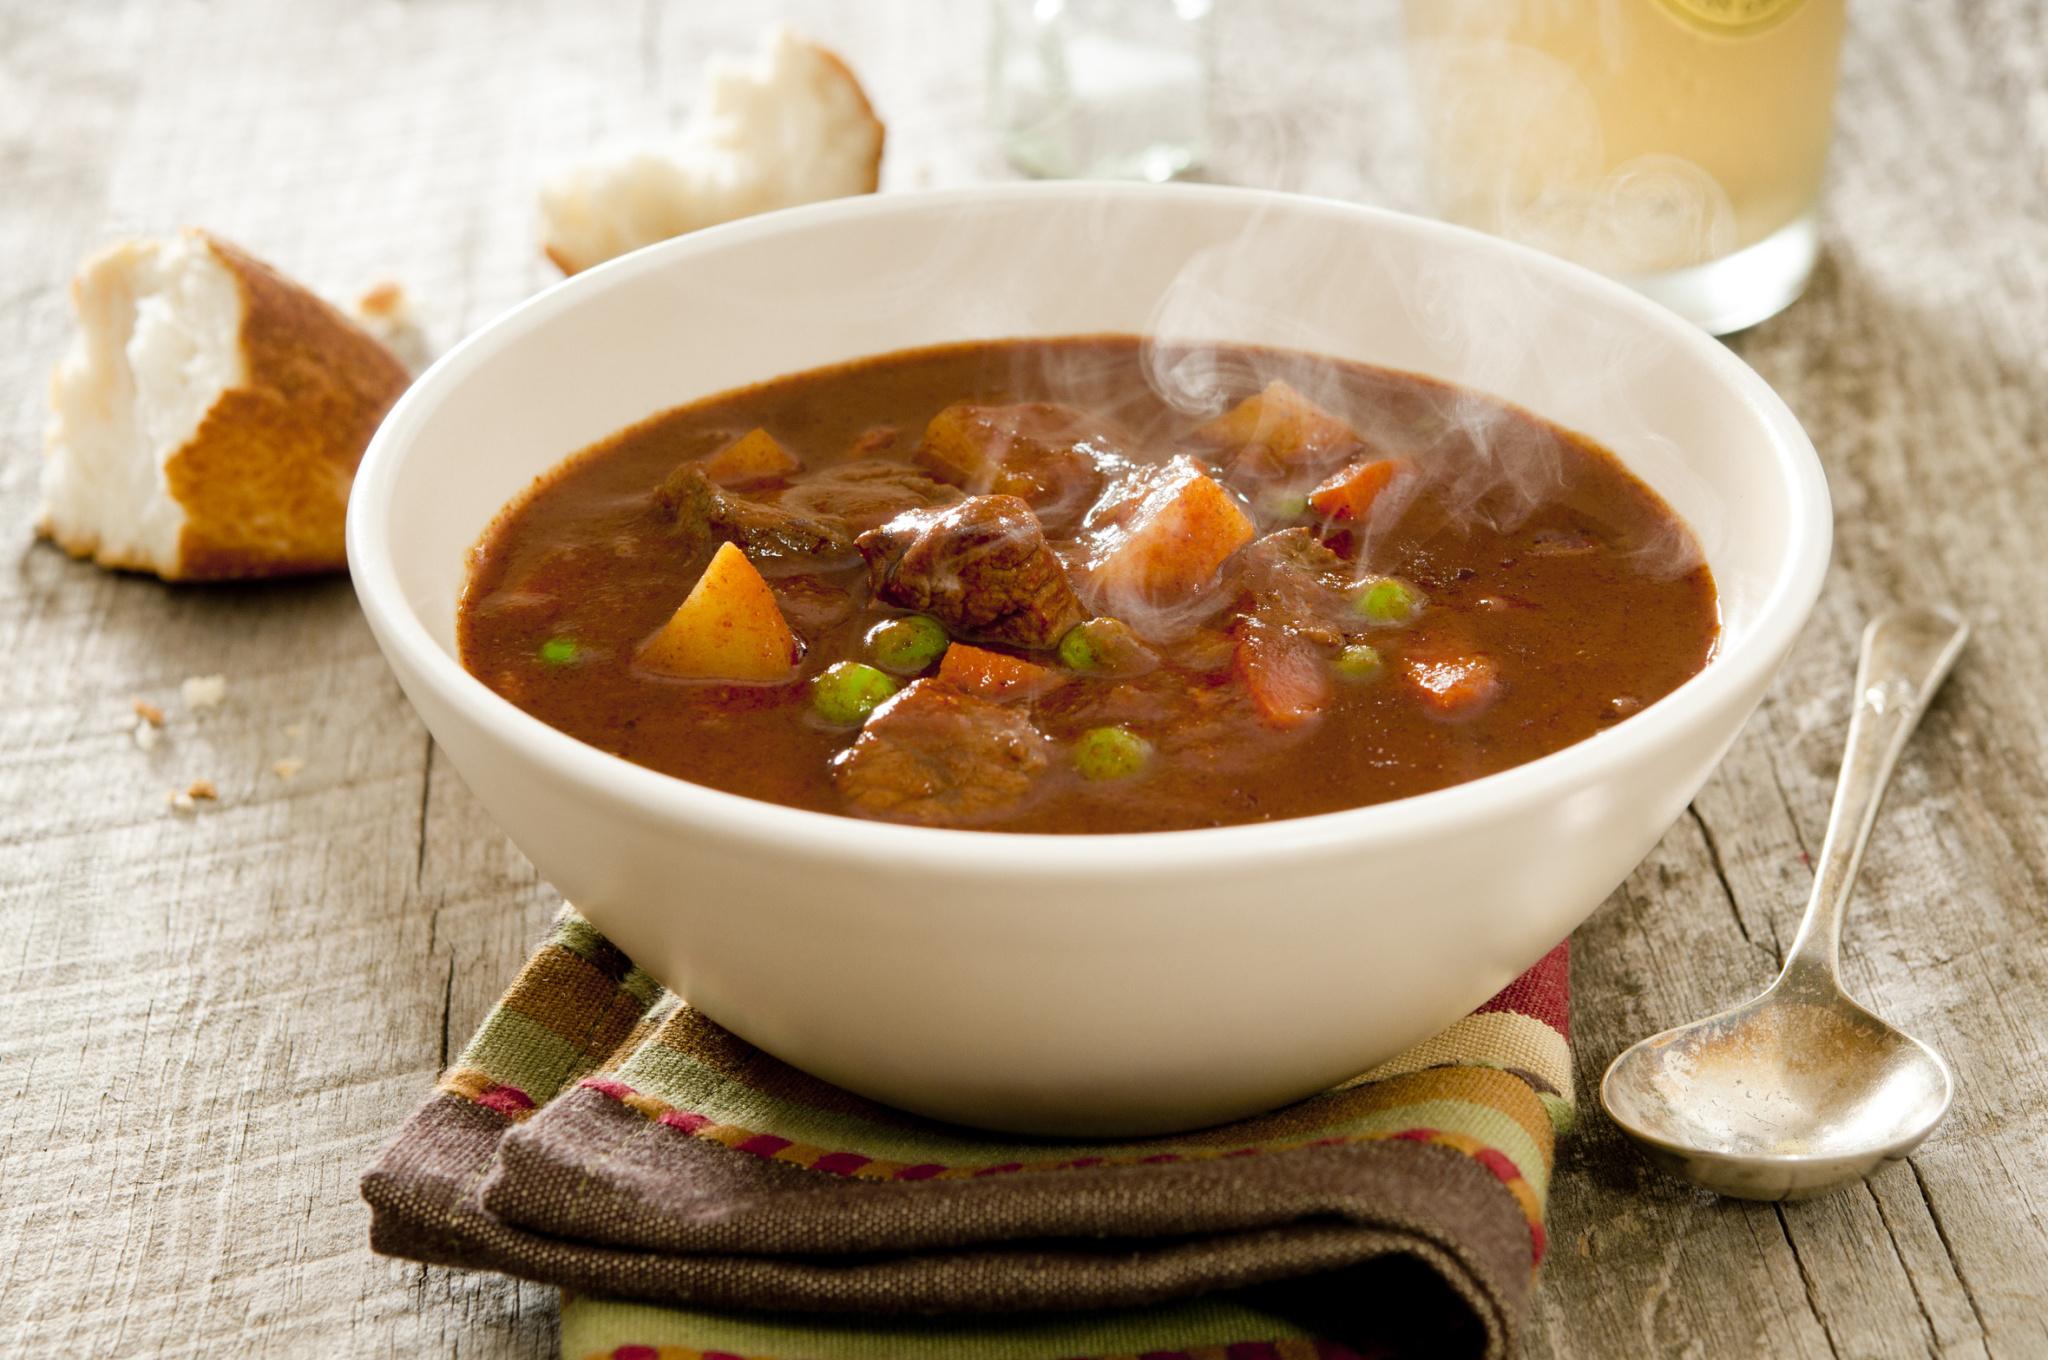 zupy, dania główne itp